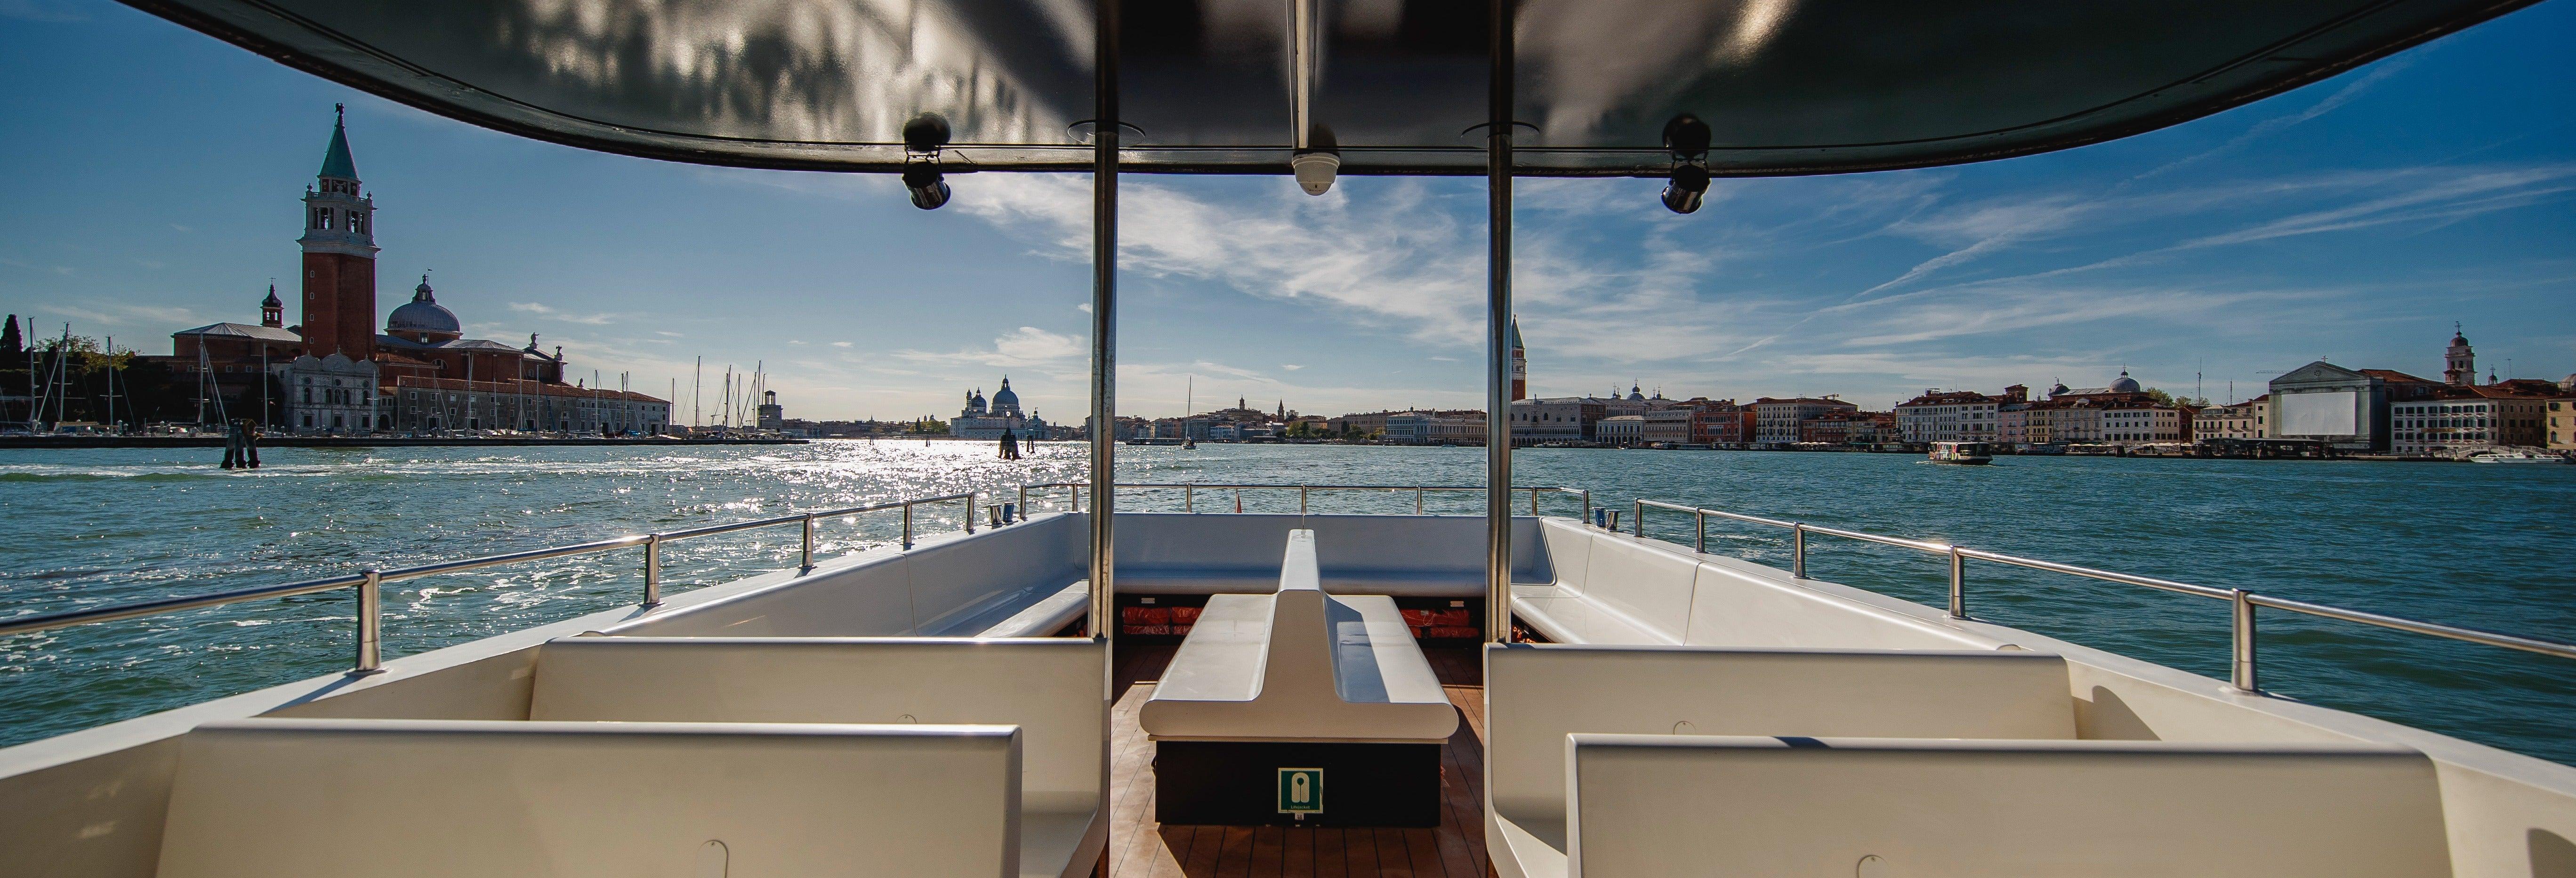 Barco turístico de Venecia